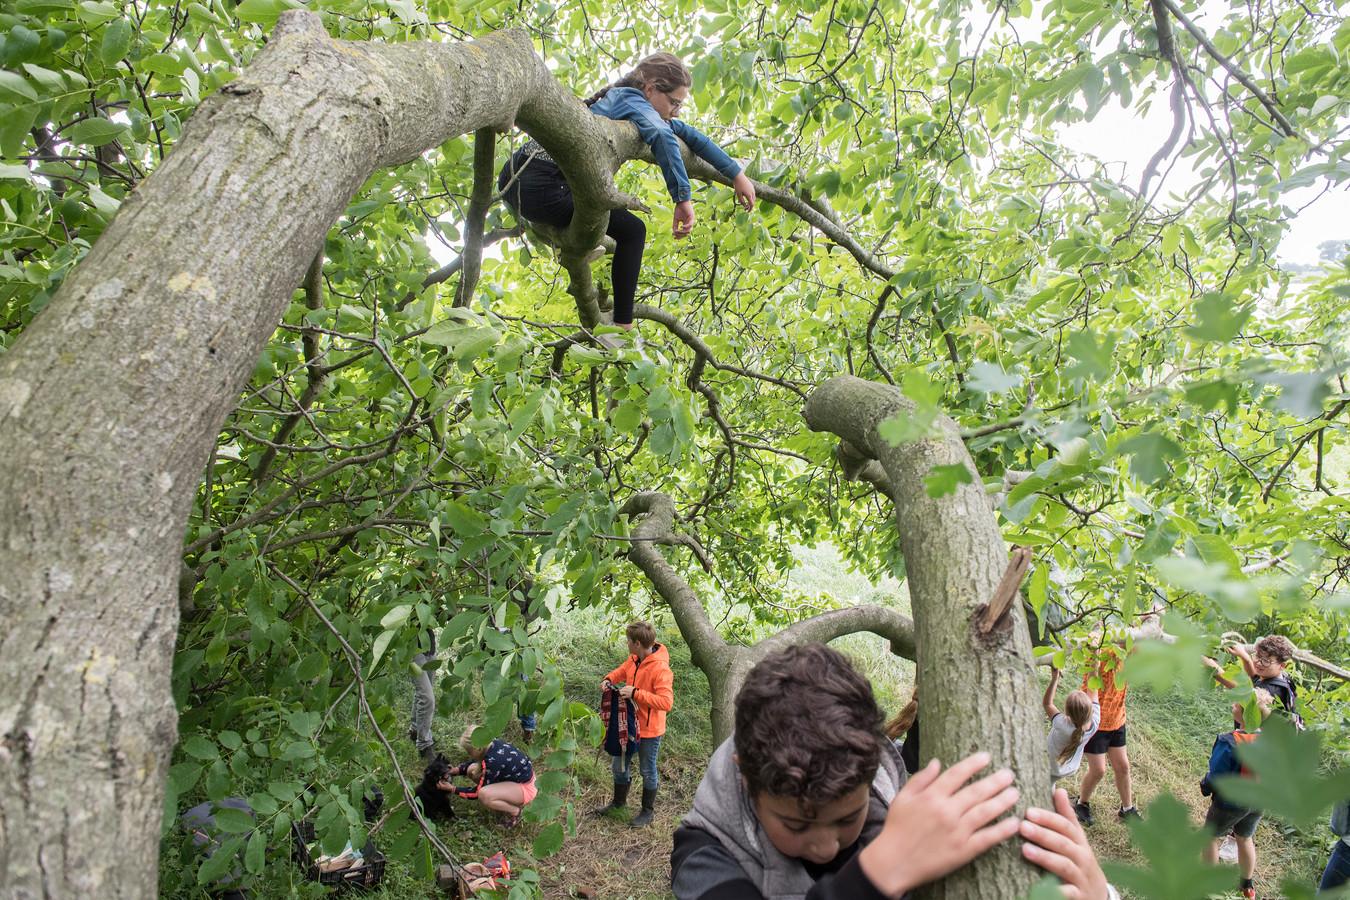 Kinderen Aarden in de Uiterwaarden onder leiding van Kasper Heineke - in natuurgebied Klein Willemswaard - door in bomen te klimmen.